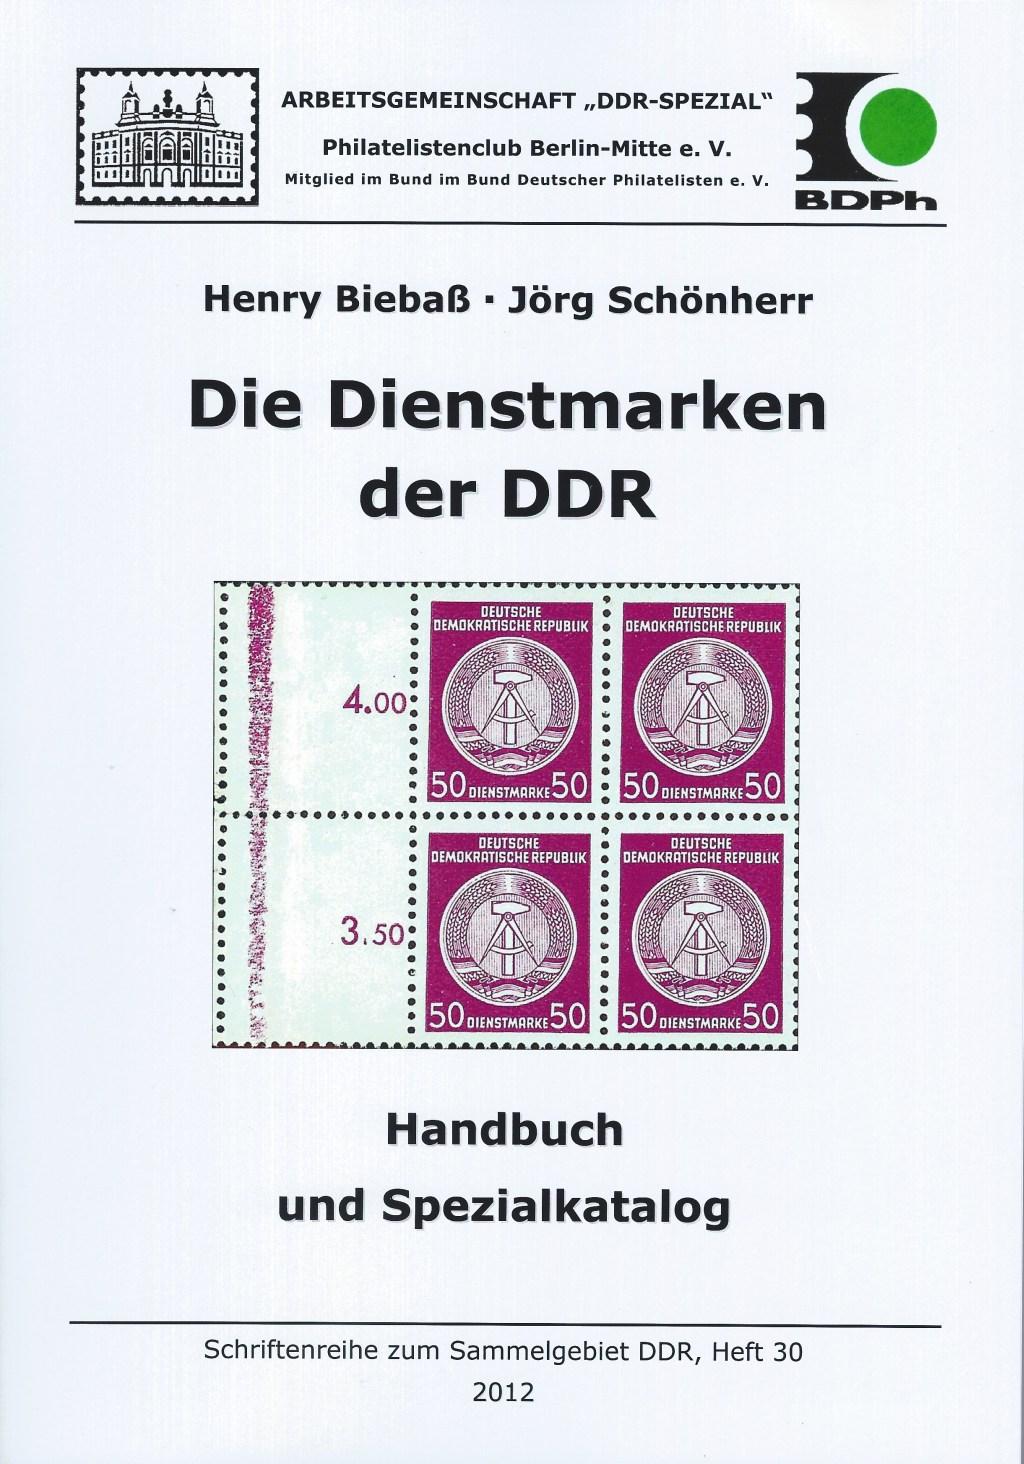 DDR Philatelie Literatur Dienstmarken Handbuch Katalog